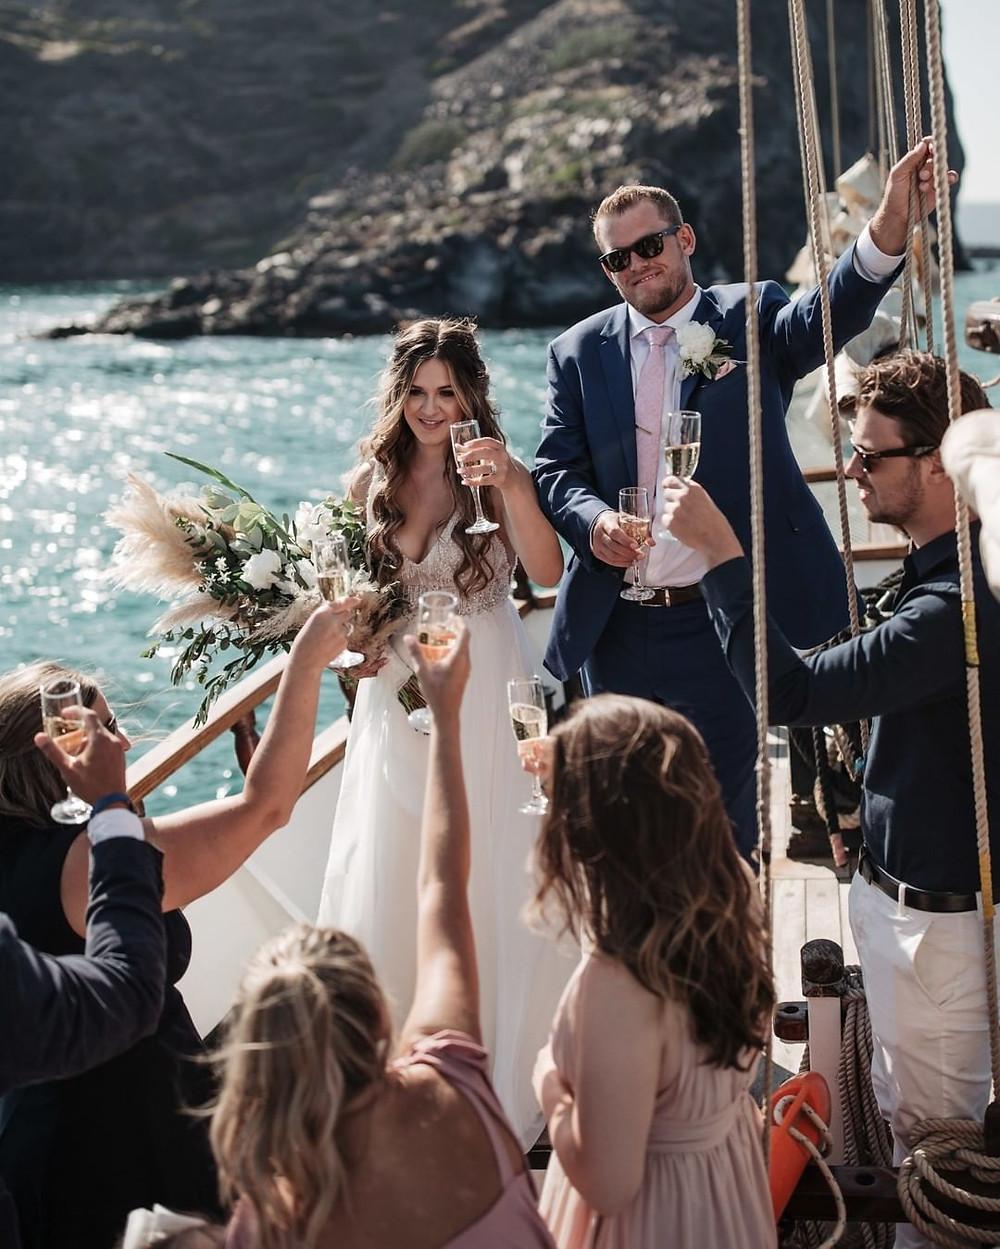 matrimonio a santorini sposi e ospiti che brindano su un veliero